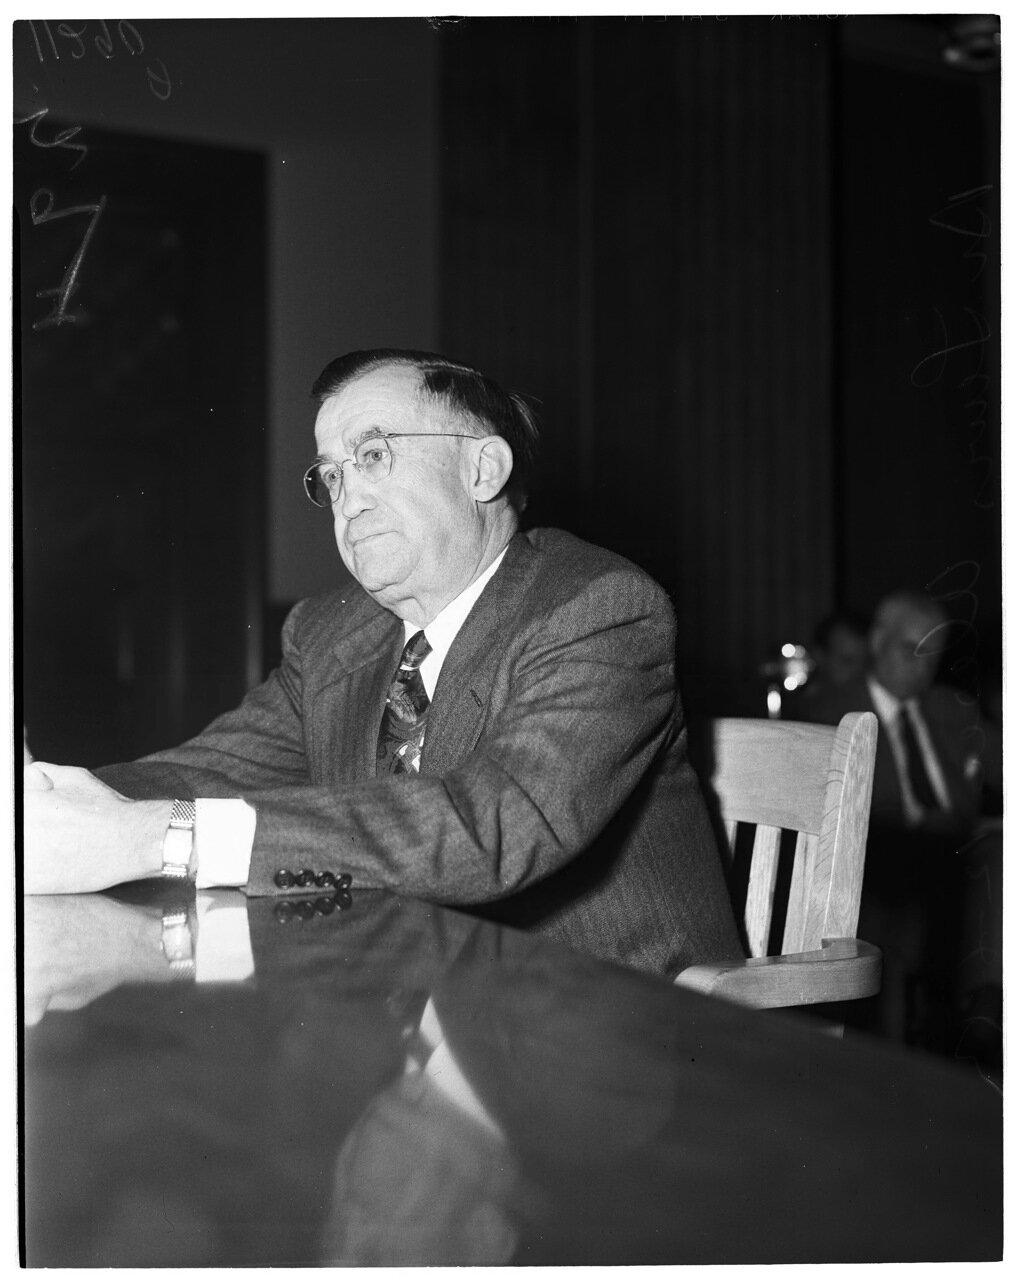 1954. 6 декабря. Комиссия по расследованию антиамериканской деятельности (дело врачей). Доктор Джозеф де лос Рейс (чиновник Ассоциация медицинских работников)